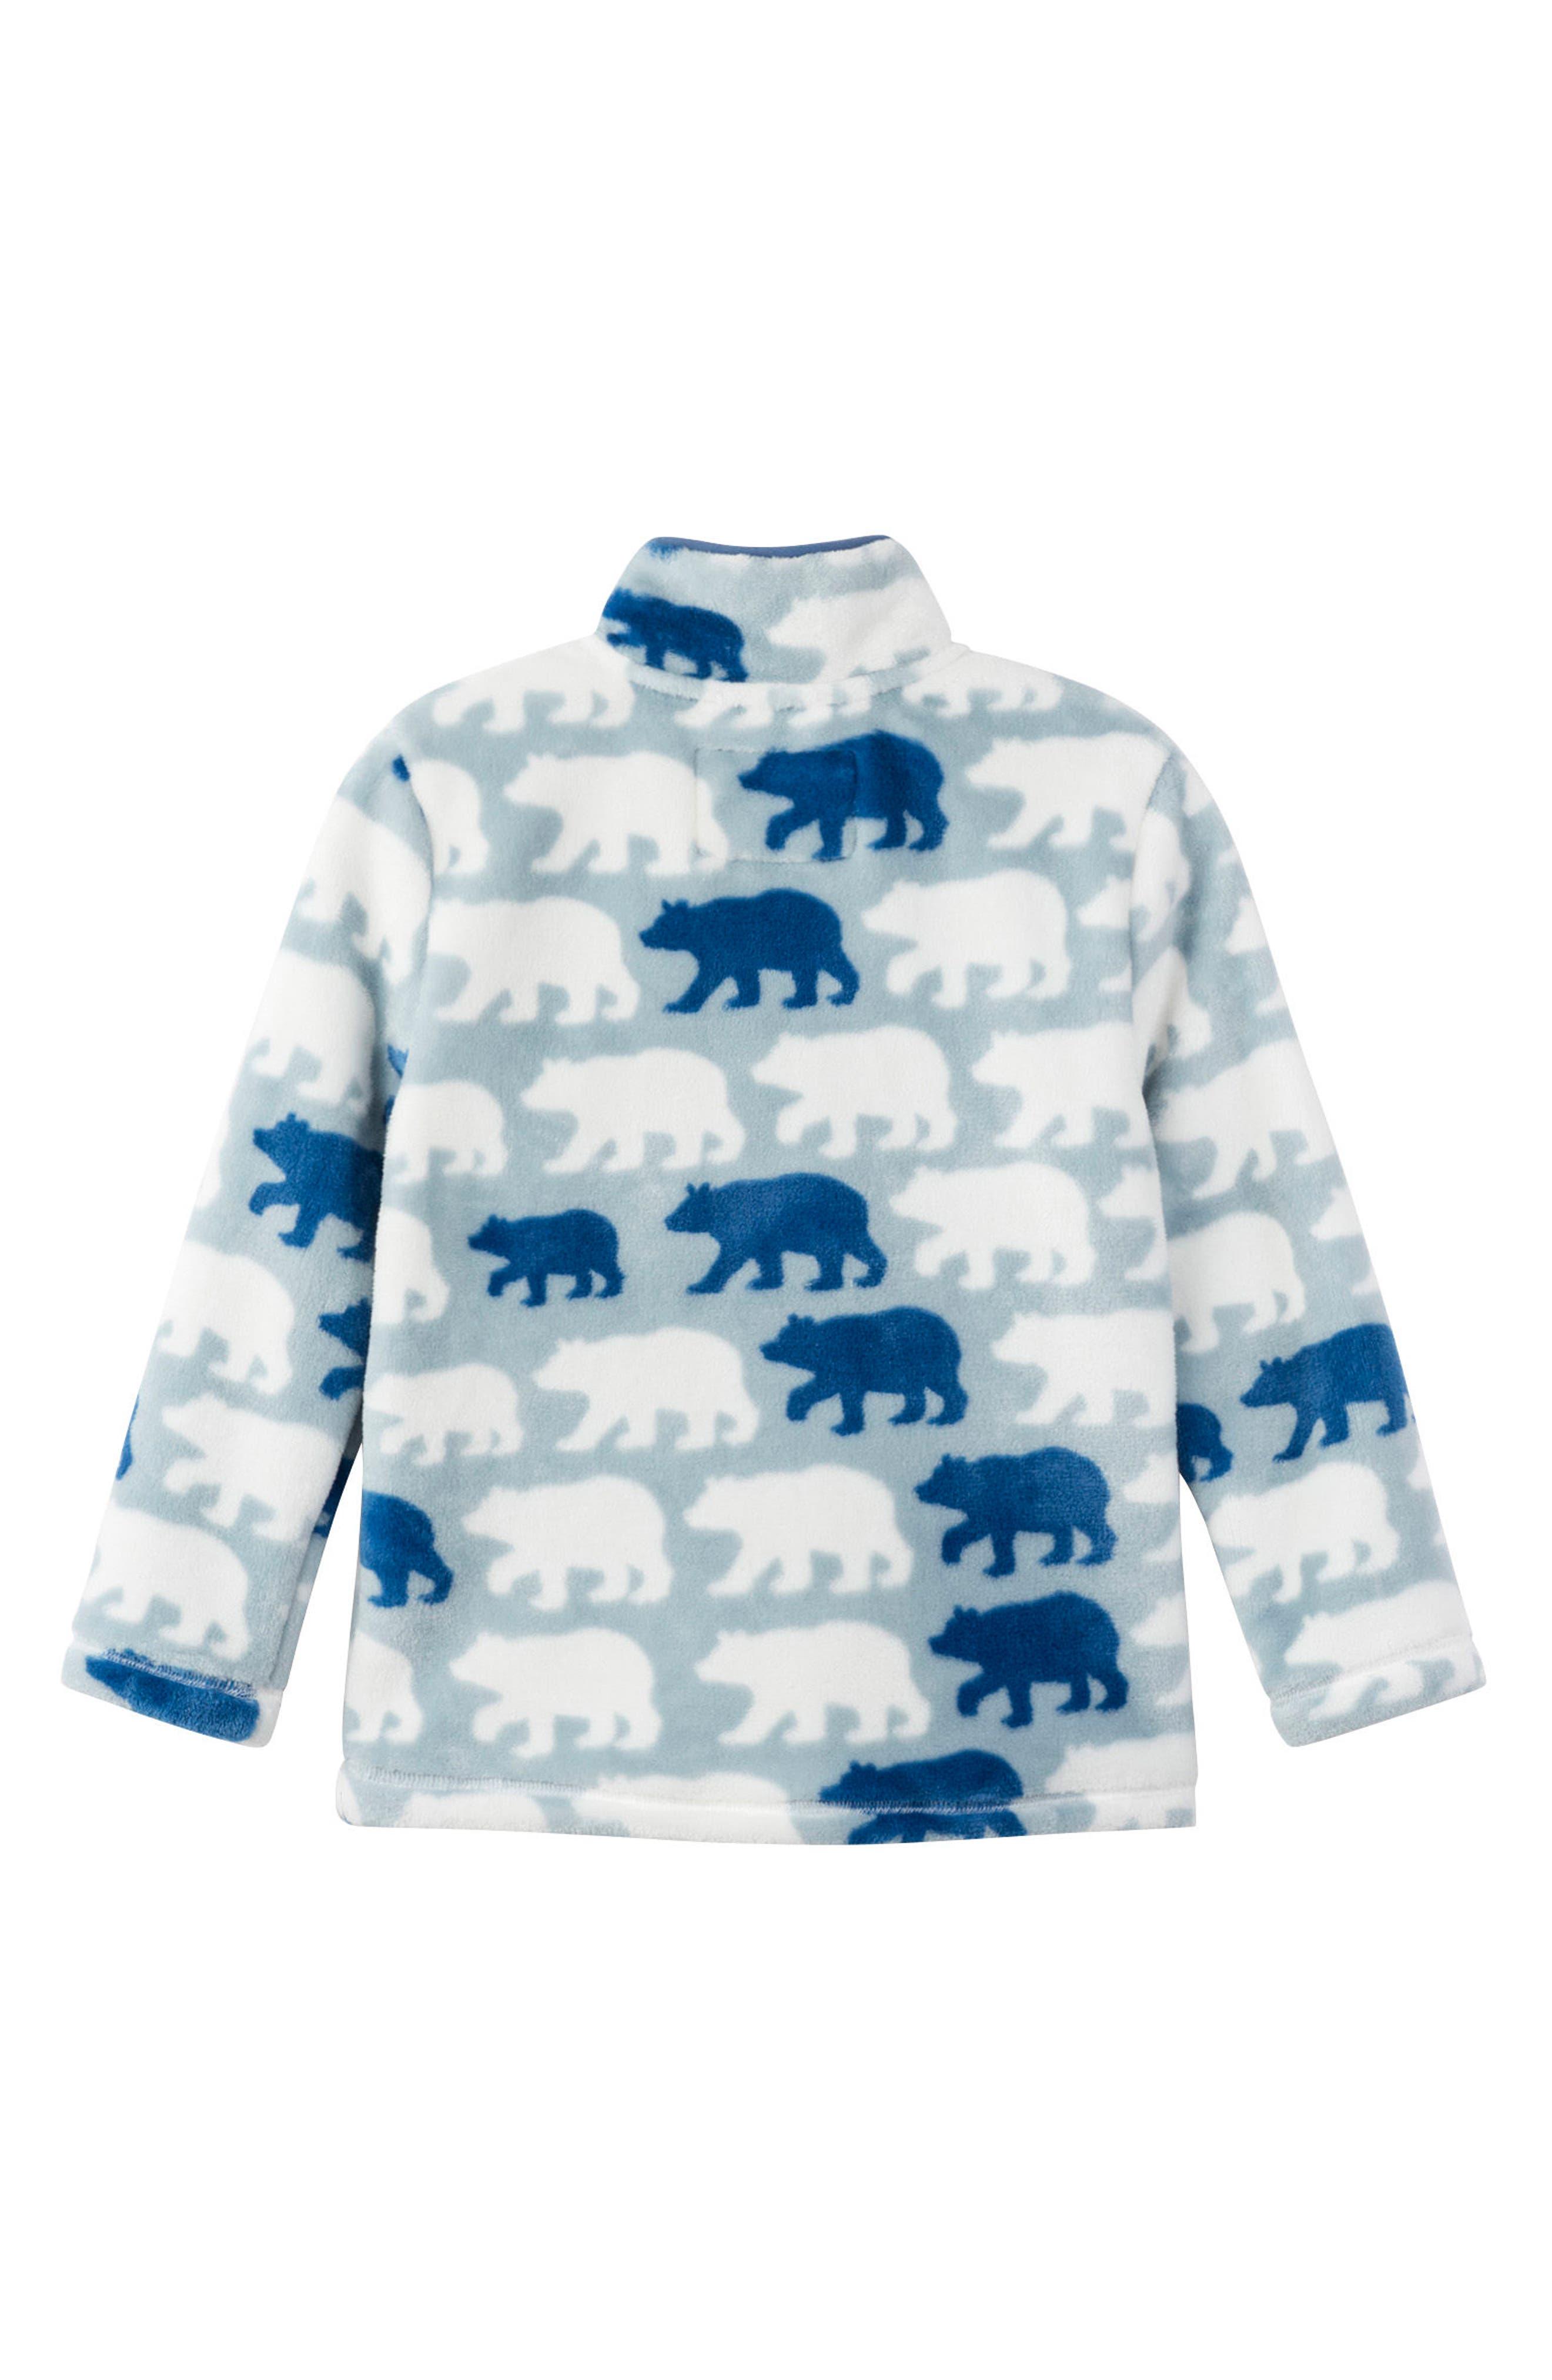 Polar Bear Fleece Jacket,                             Alternate thumbnail 2, color,                             BLUE